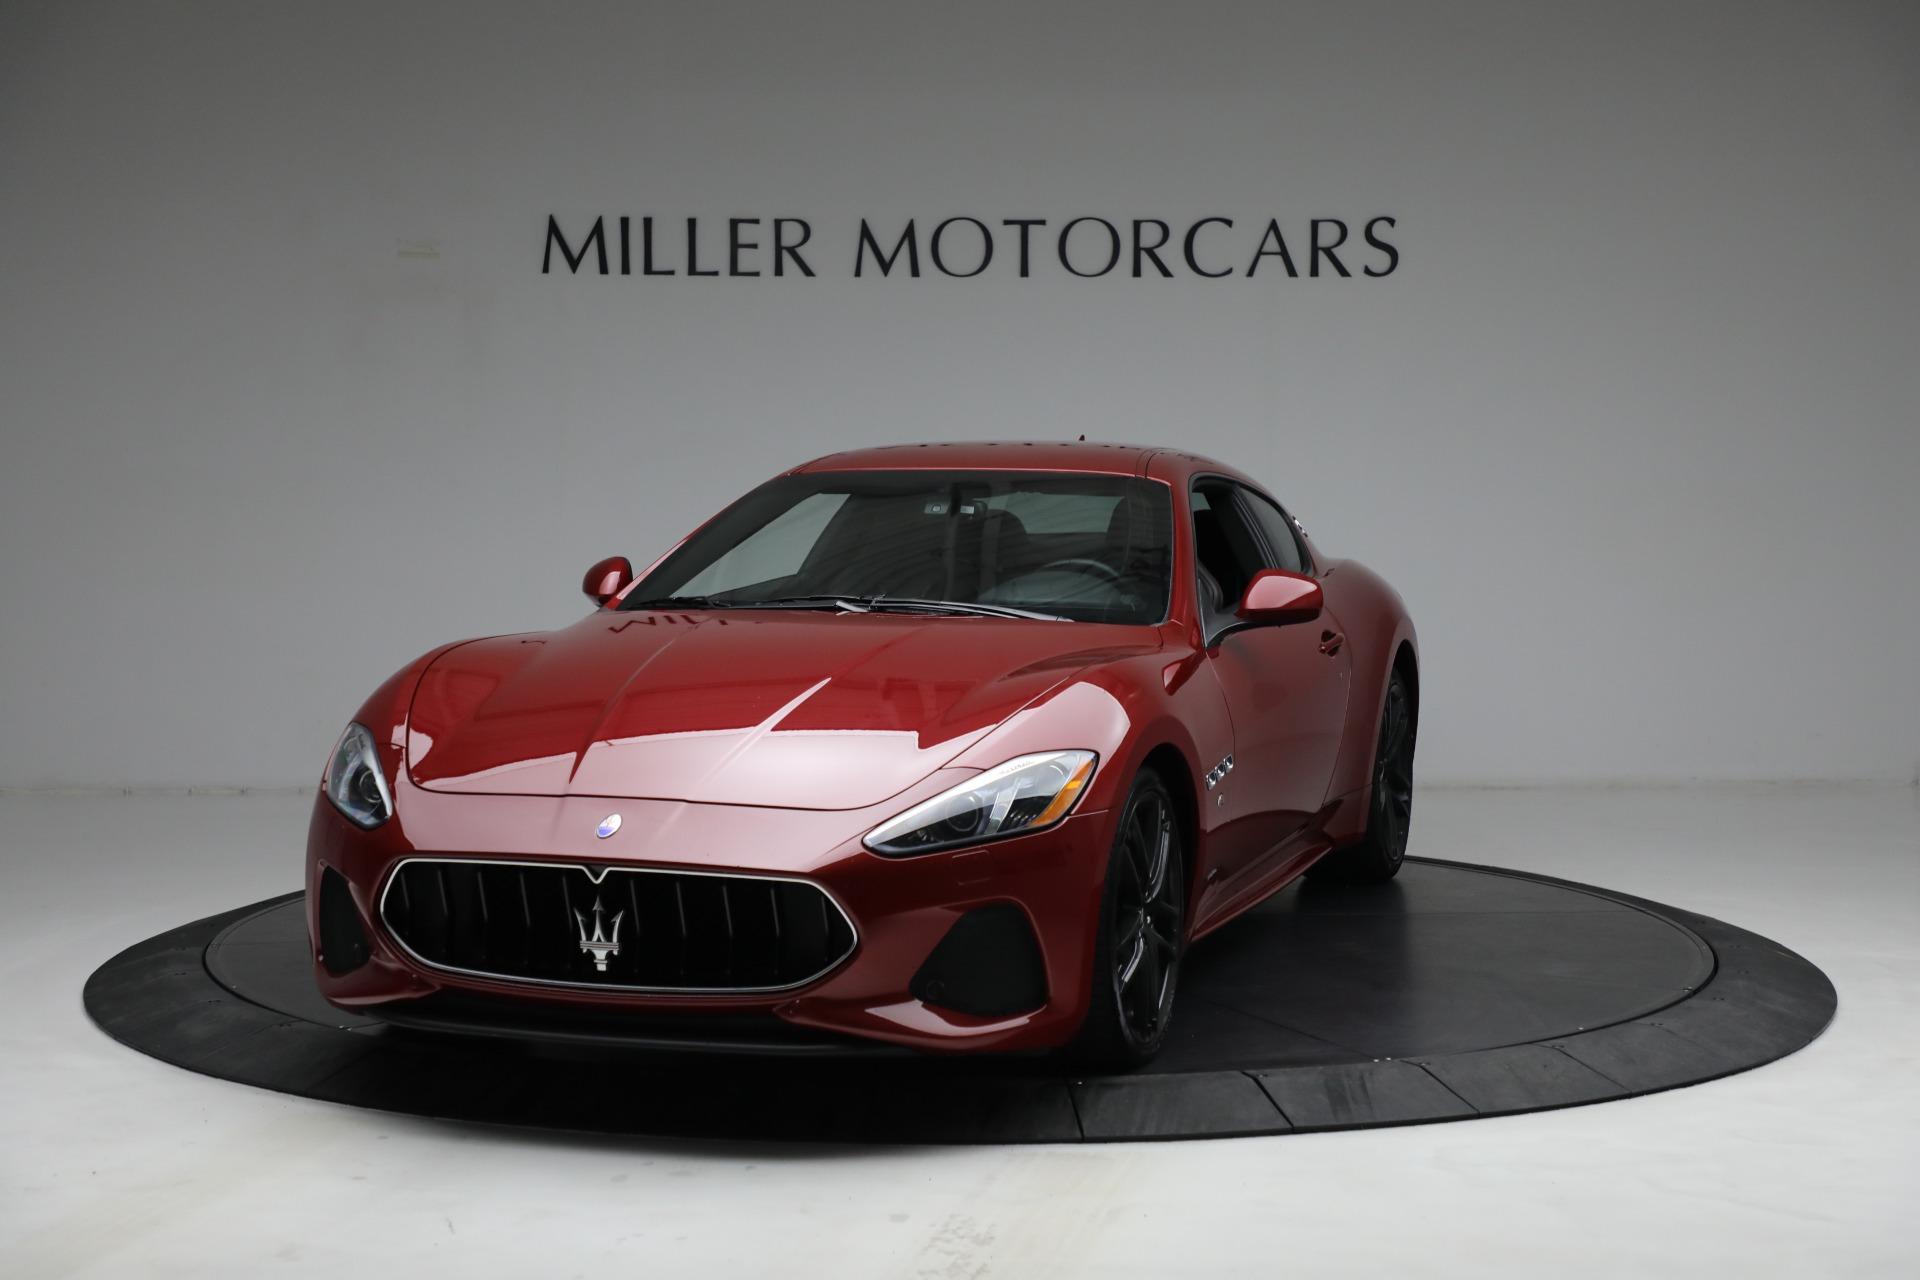 Used 2018 Maserati GranTurismo Sport for sale $94,900 at Alfa Romeo of Westport in Westport CT 06880 1